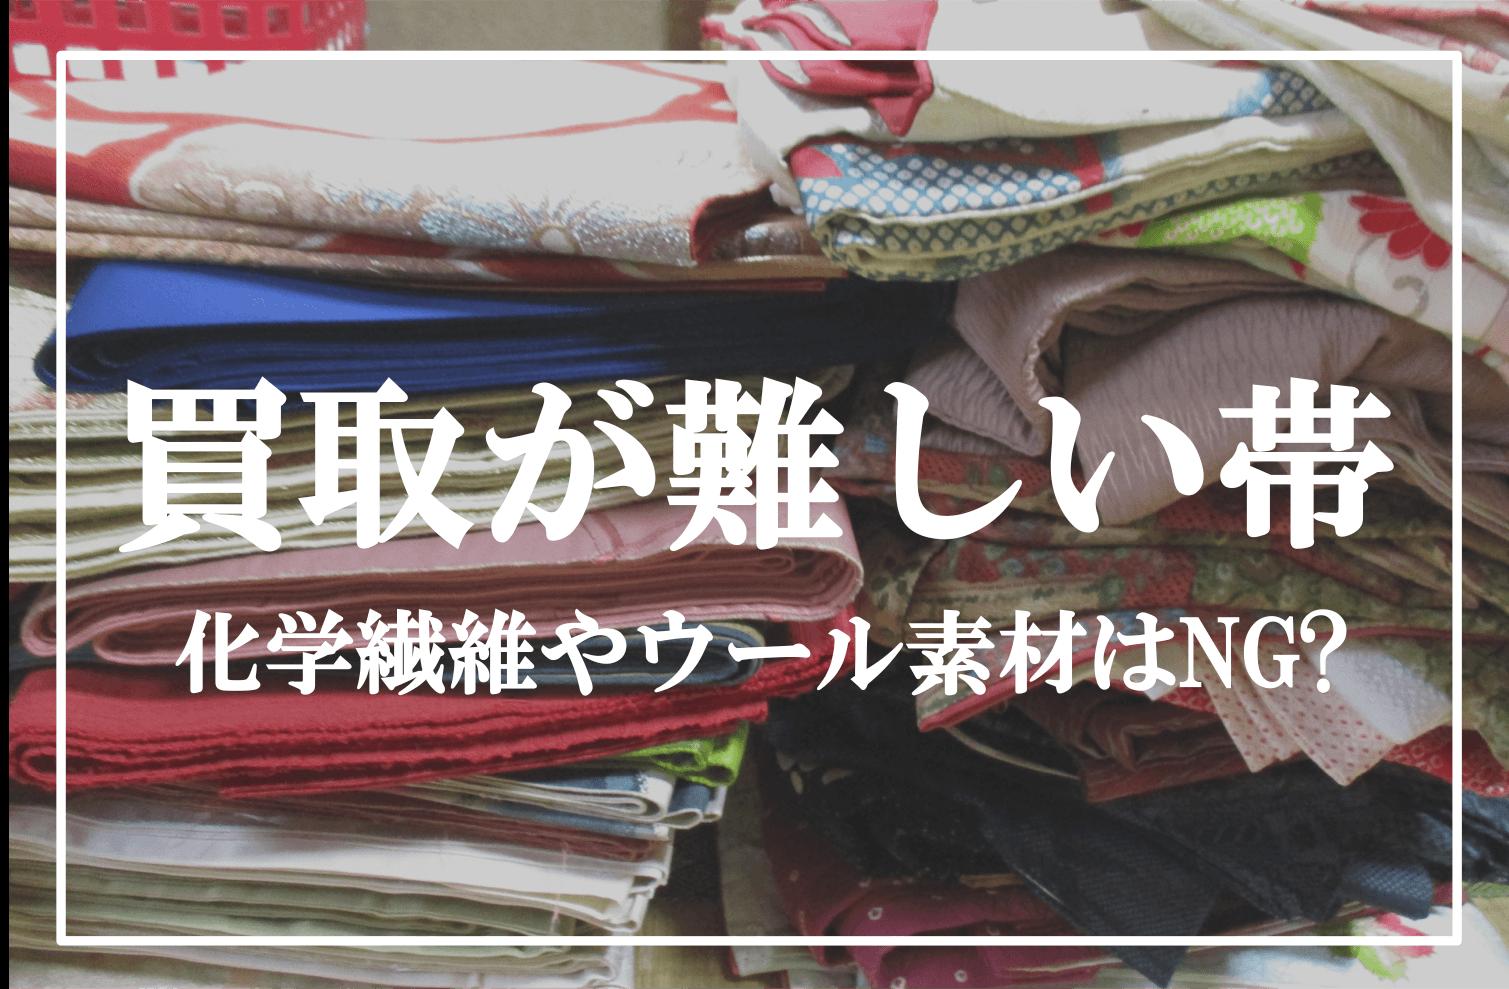 買取が難しい帯もある? 化繊維やウール素材はNG?